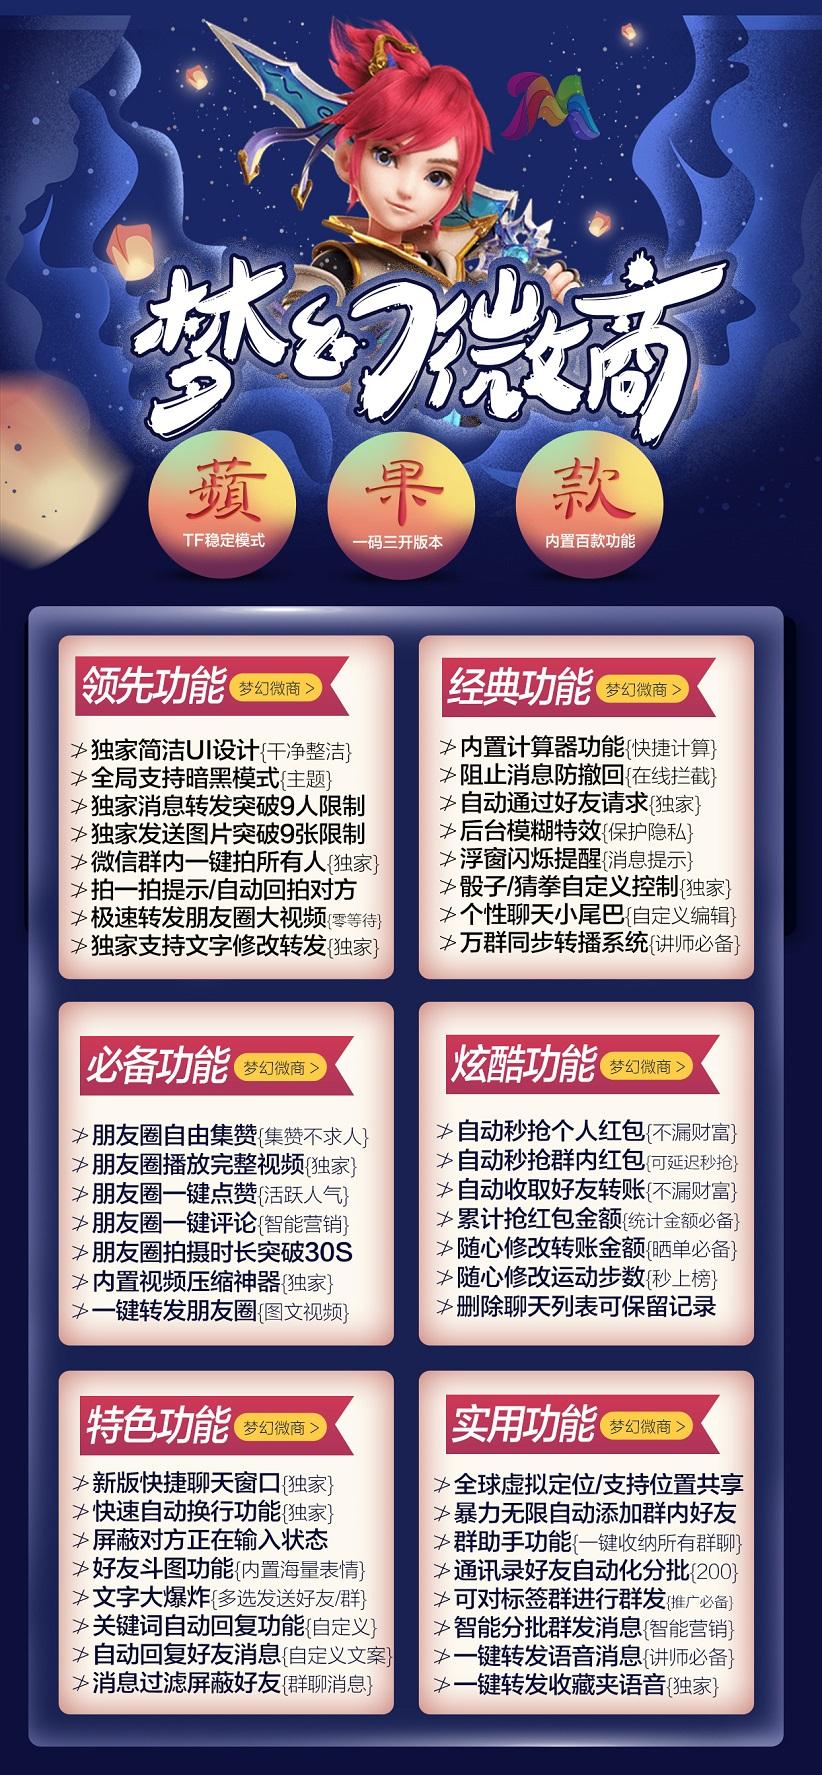 【苹果梦幻微商官网地址】TF稳定模式一码三开版本内置百款功能激活码授权